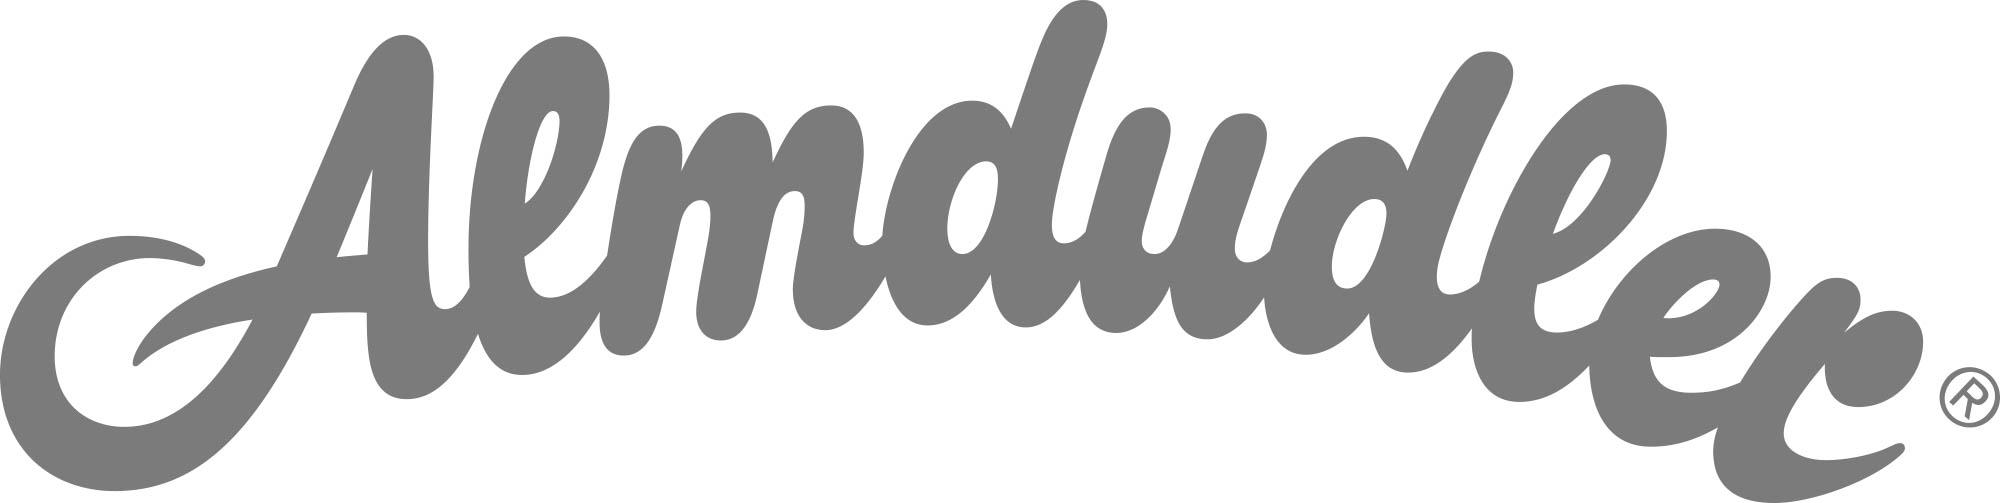 folieren-at-referenzen-kunden-logos-almd